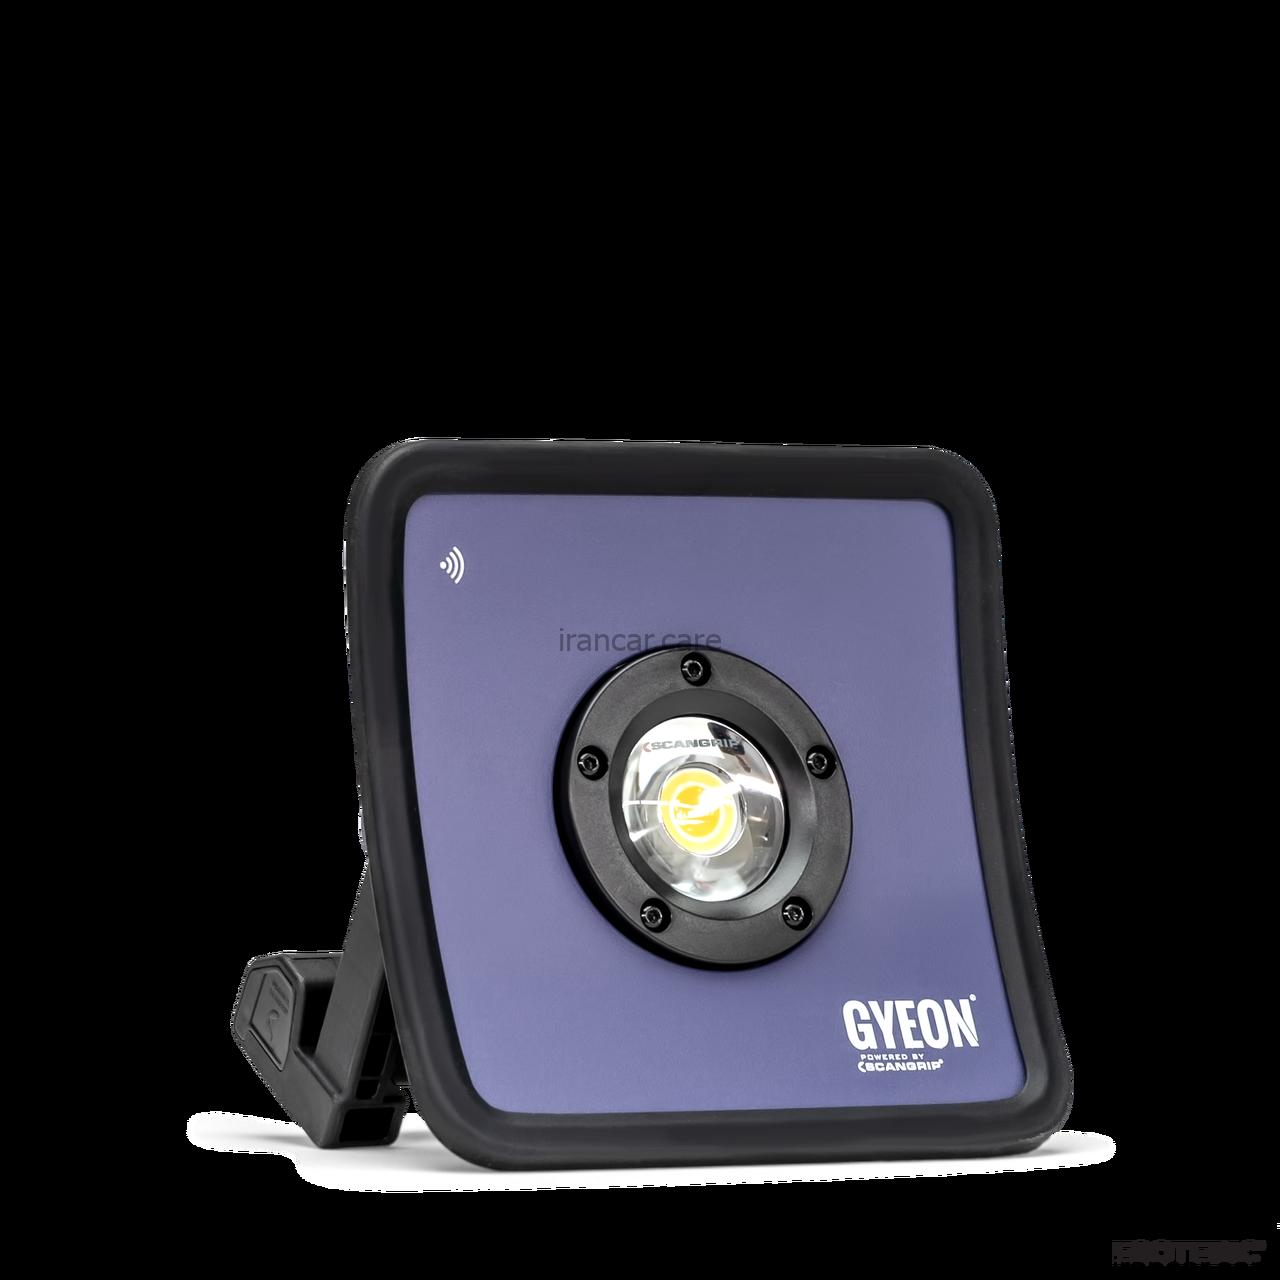 Gyeon Prism Plus Front 94028.1583607215